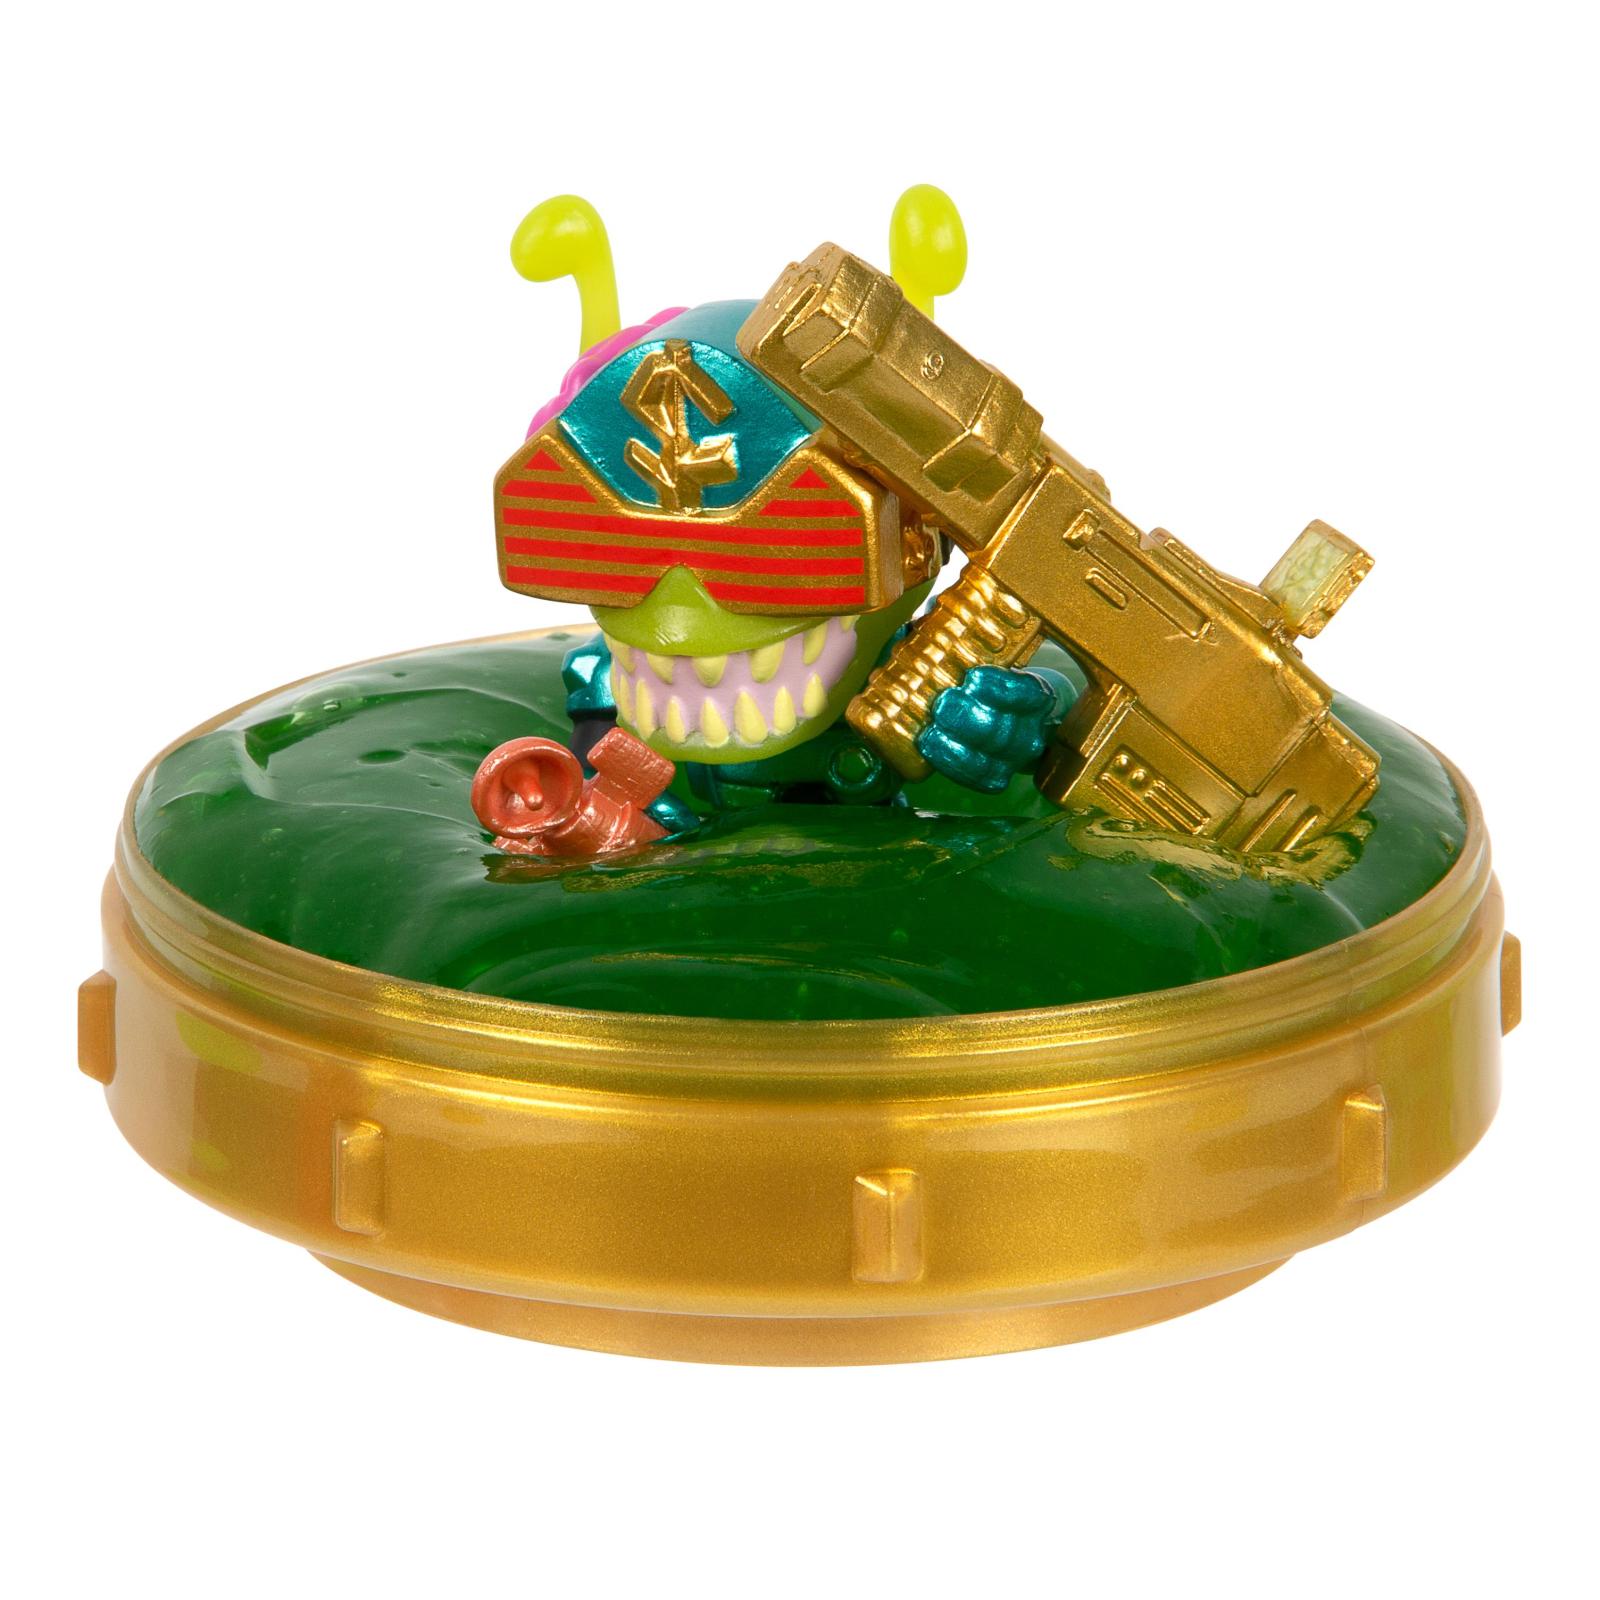 Игровой набор Moose сюрприз Treasure X Alien (41542) изображение 11